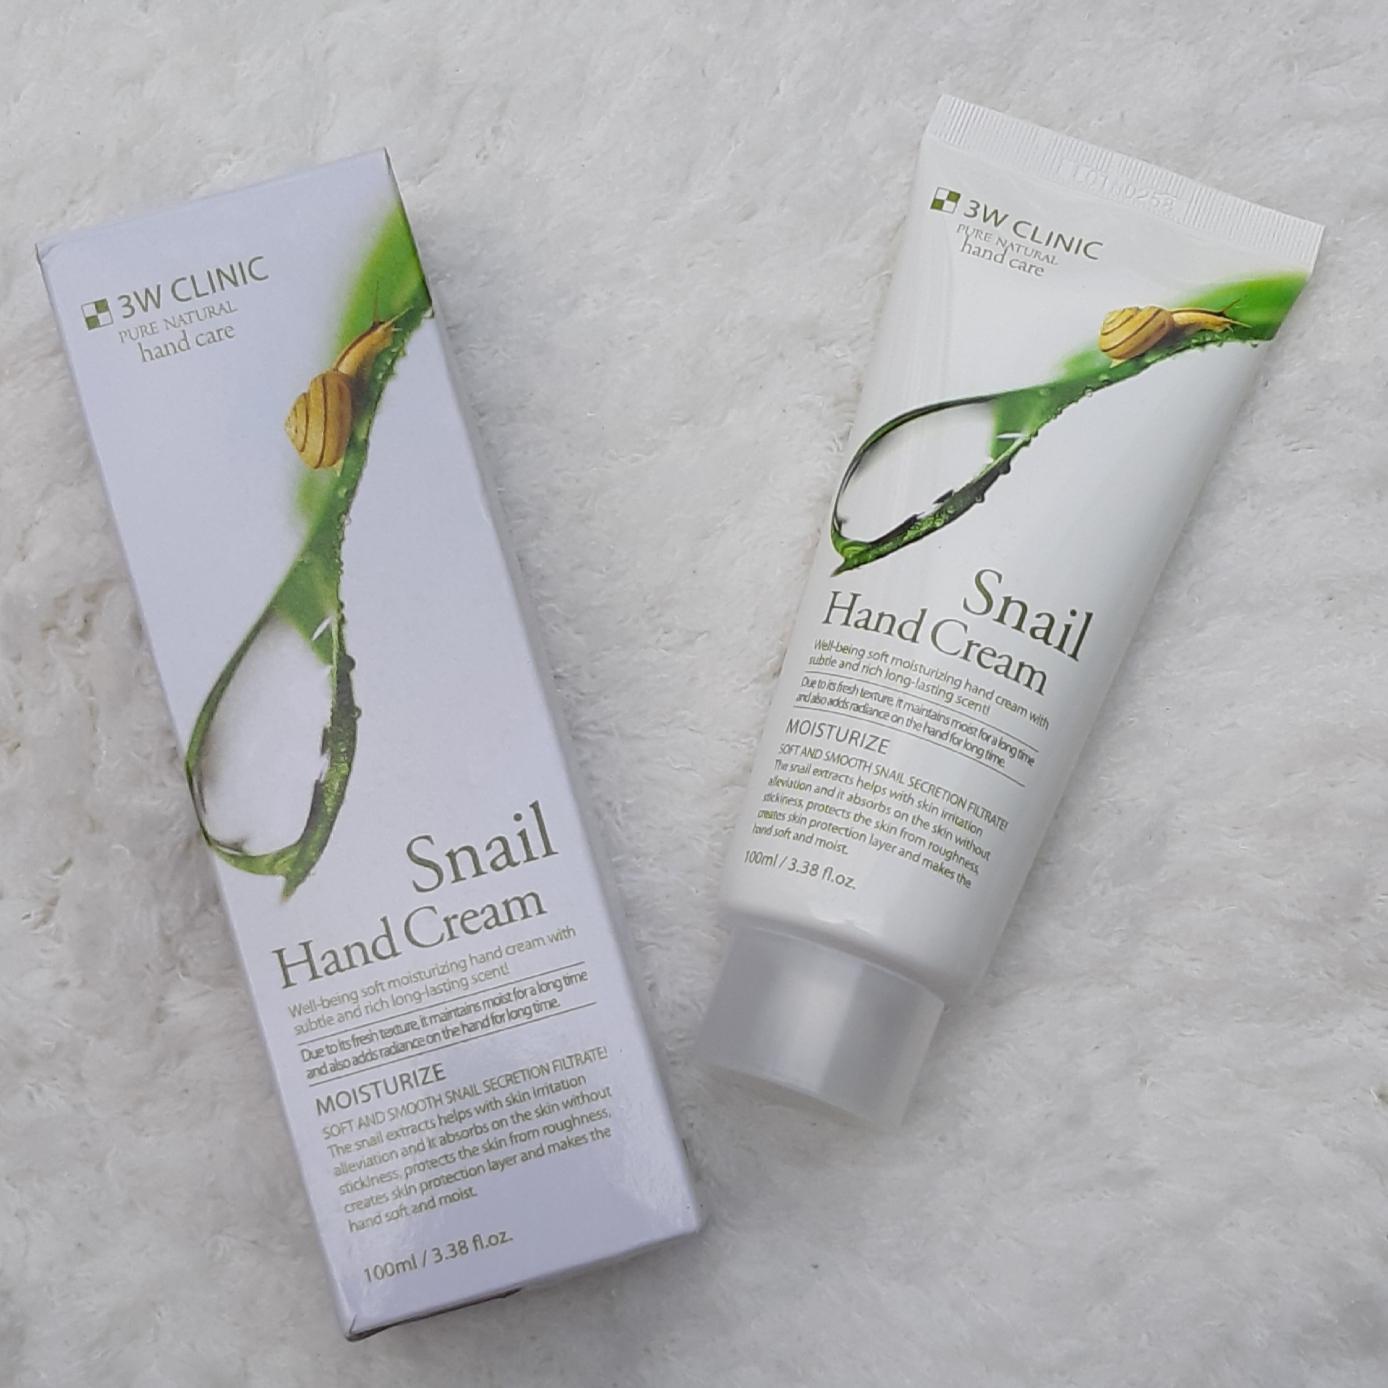 Kem dưỡng da tay Pure Fresh Peach Moisturize Hand Cream 100ml – Hàn Quốc (Snail tốt nhất